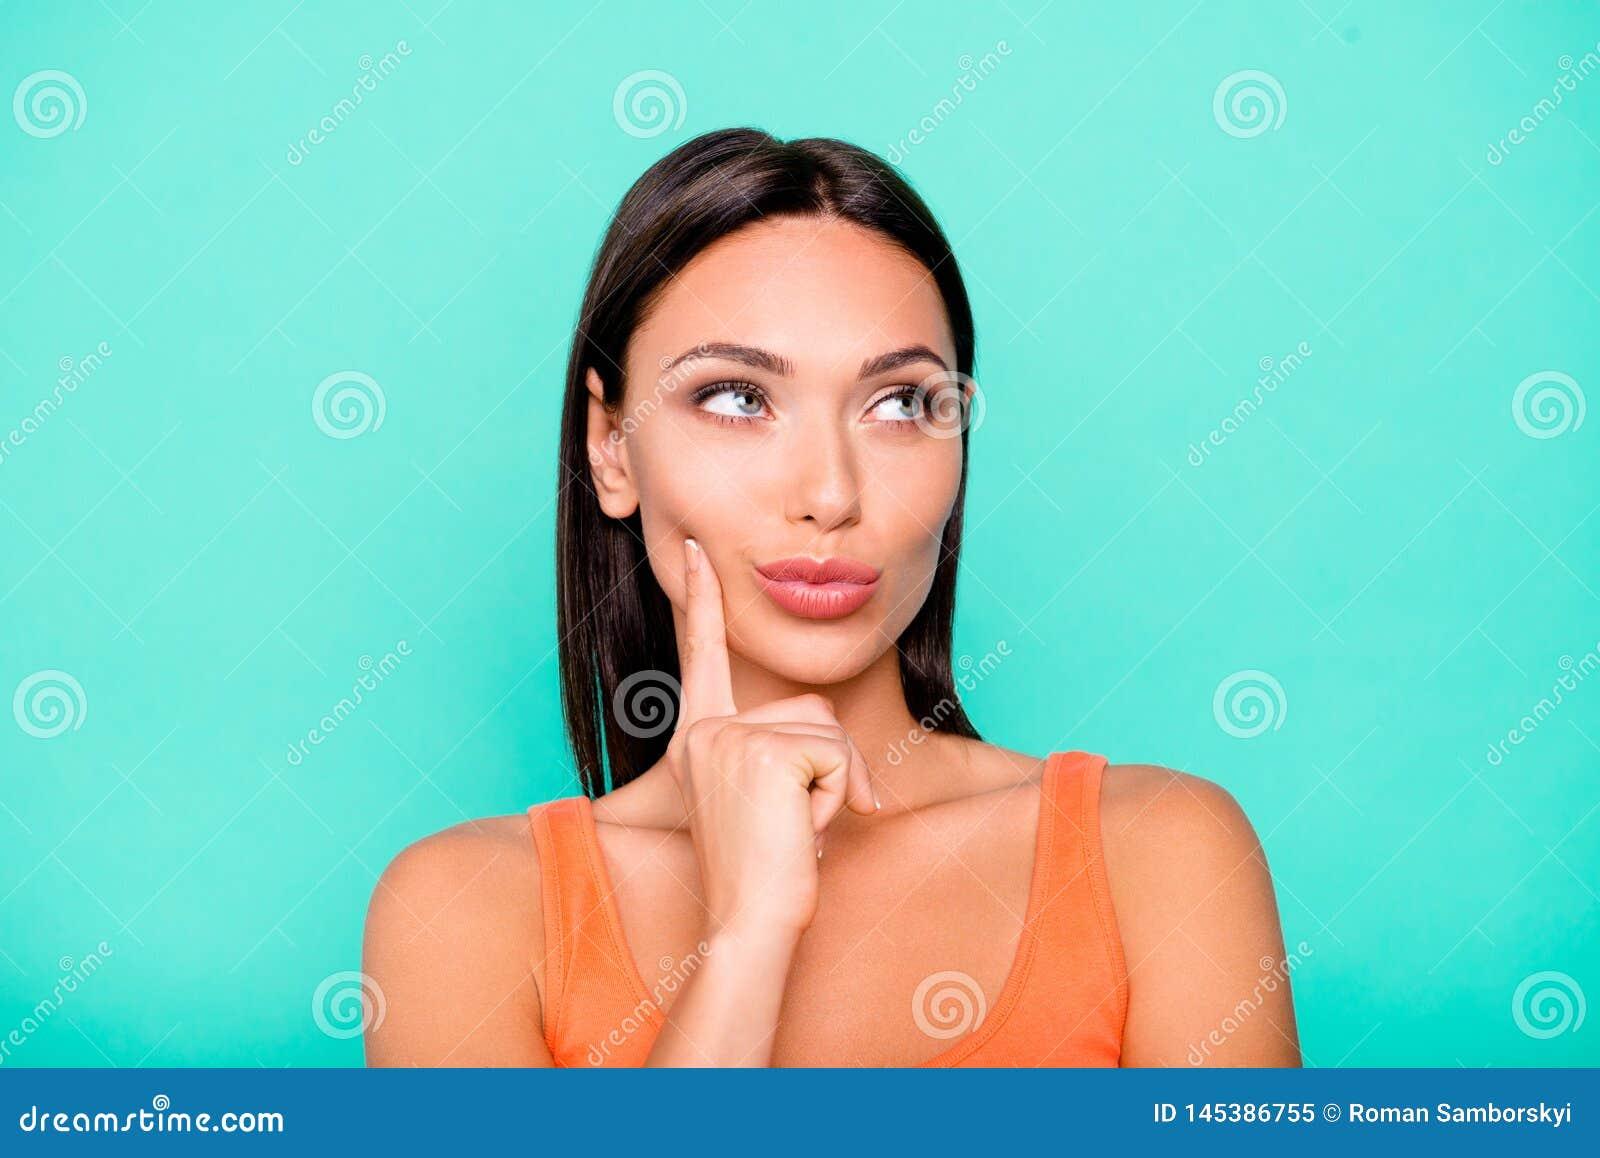 Portrait en gros plan de photo de joli occupé avoir la contemplation elle son étudiant touchant la joue pensant au-dessus de la